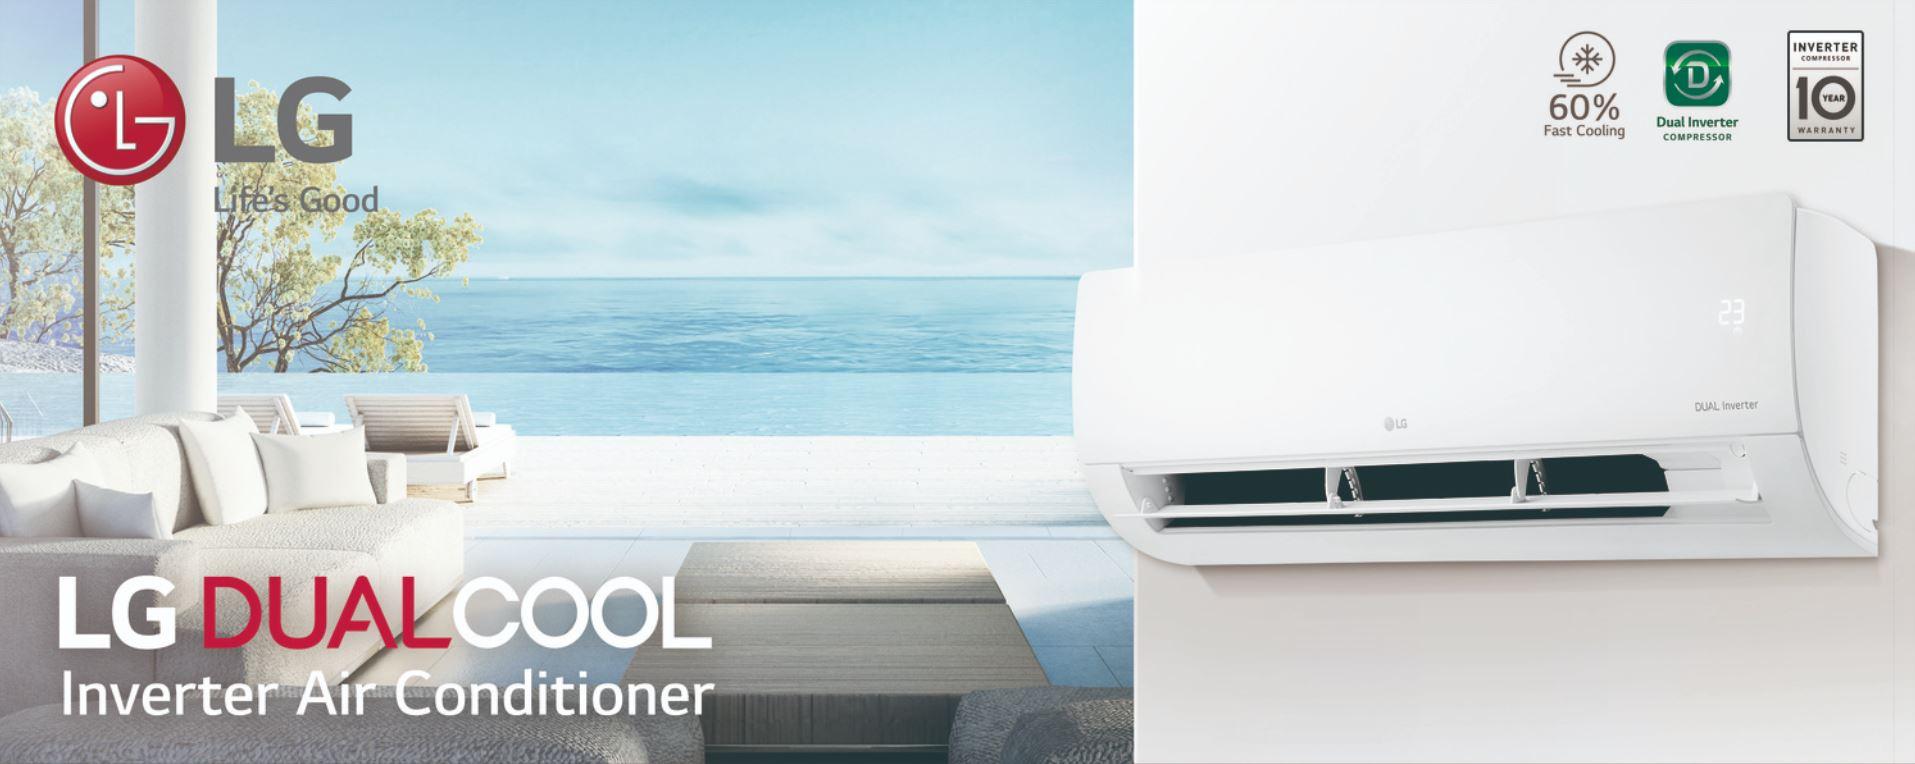 El Compresor Dual Inverter™ ajusta constantemente su velocidad para mantener los niveles de temperatura deseados. De esta manera, el Compresor Dual Inverter™ ahorra más energía que un compresor convencional. Expulsando el aire a mayor distancia y en menos tiempo.